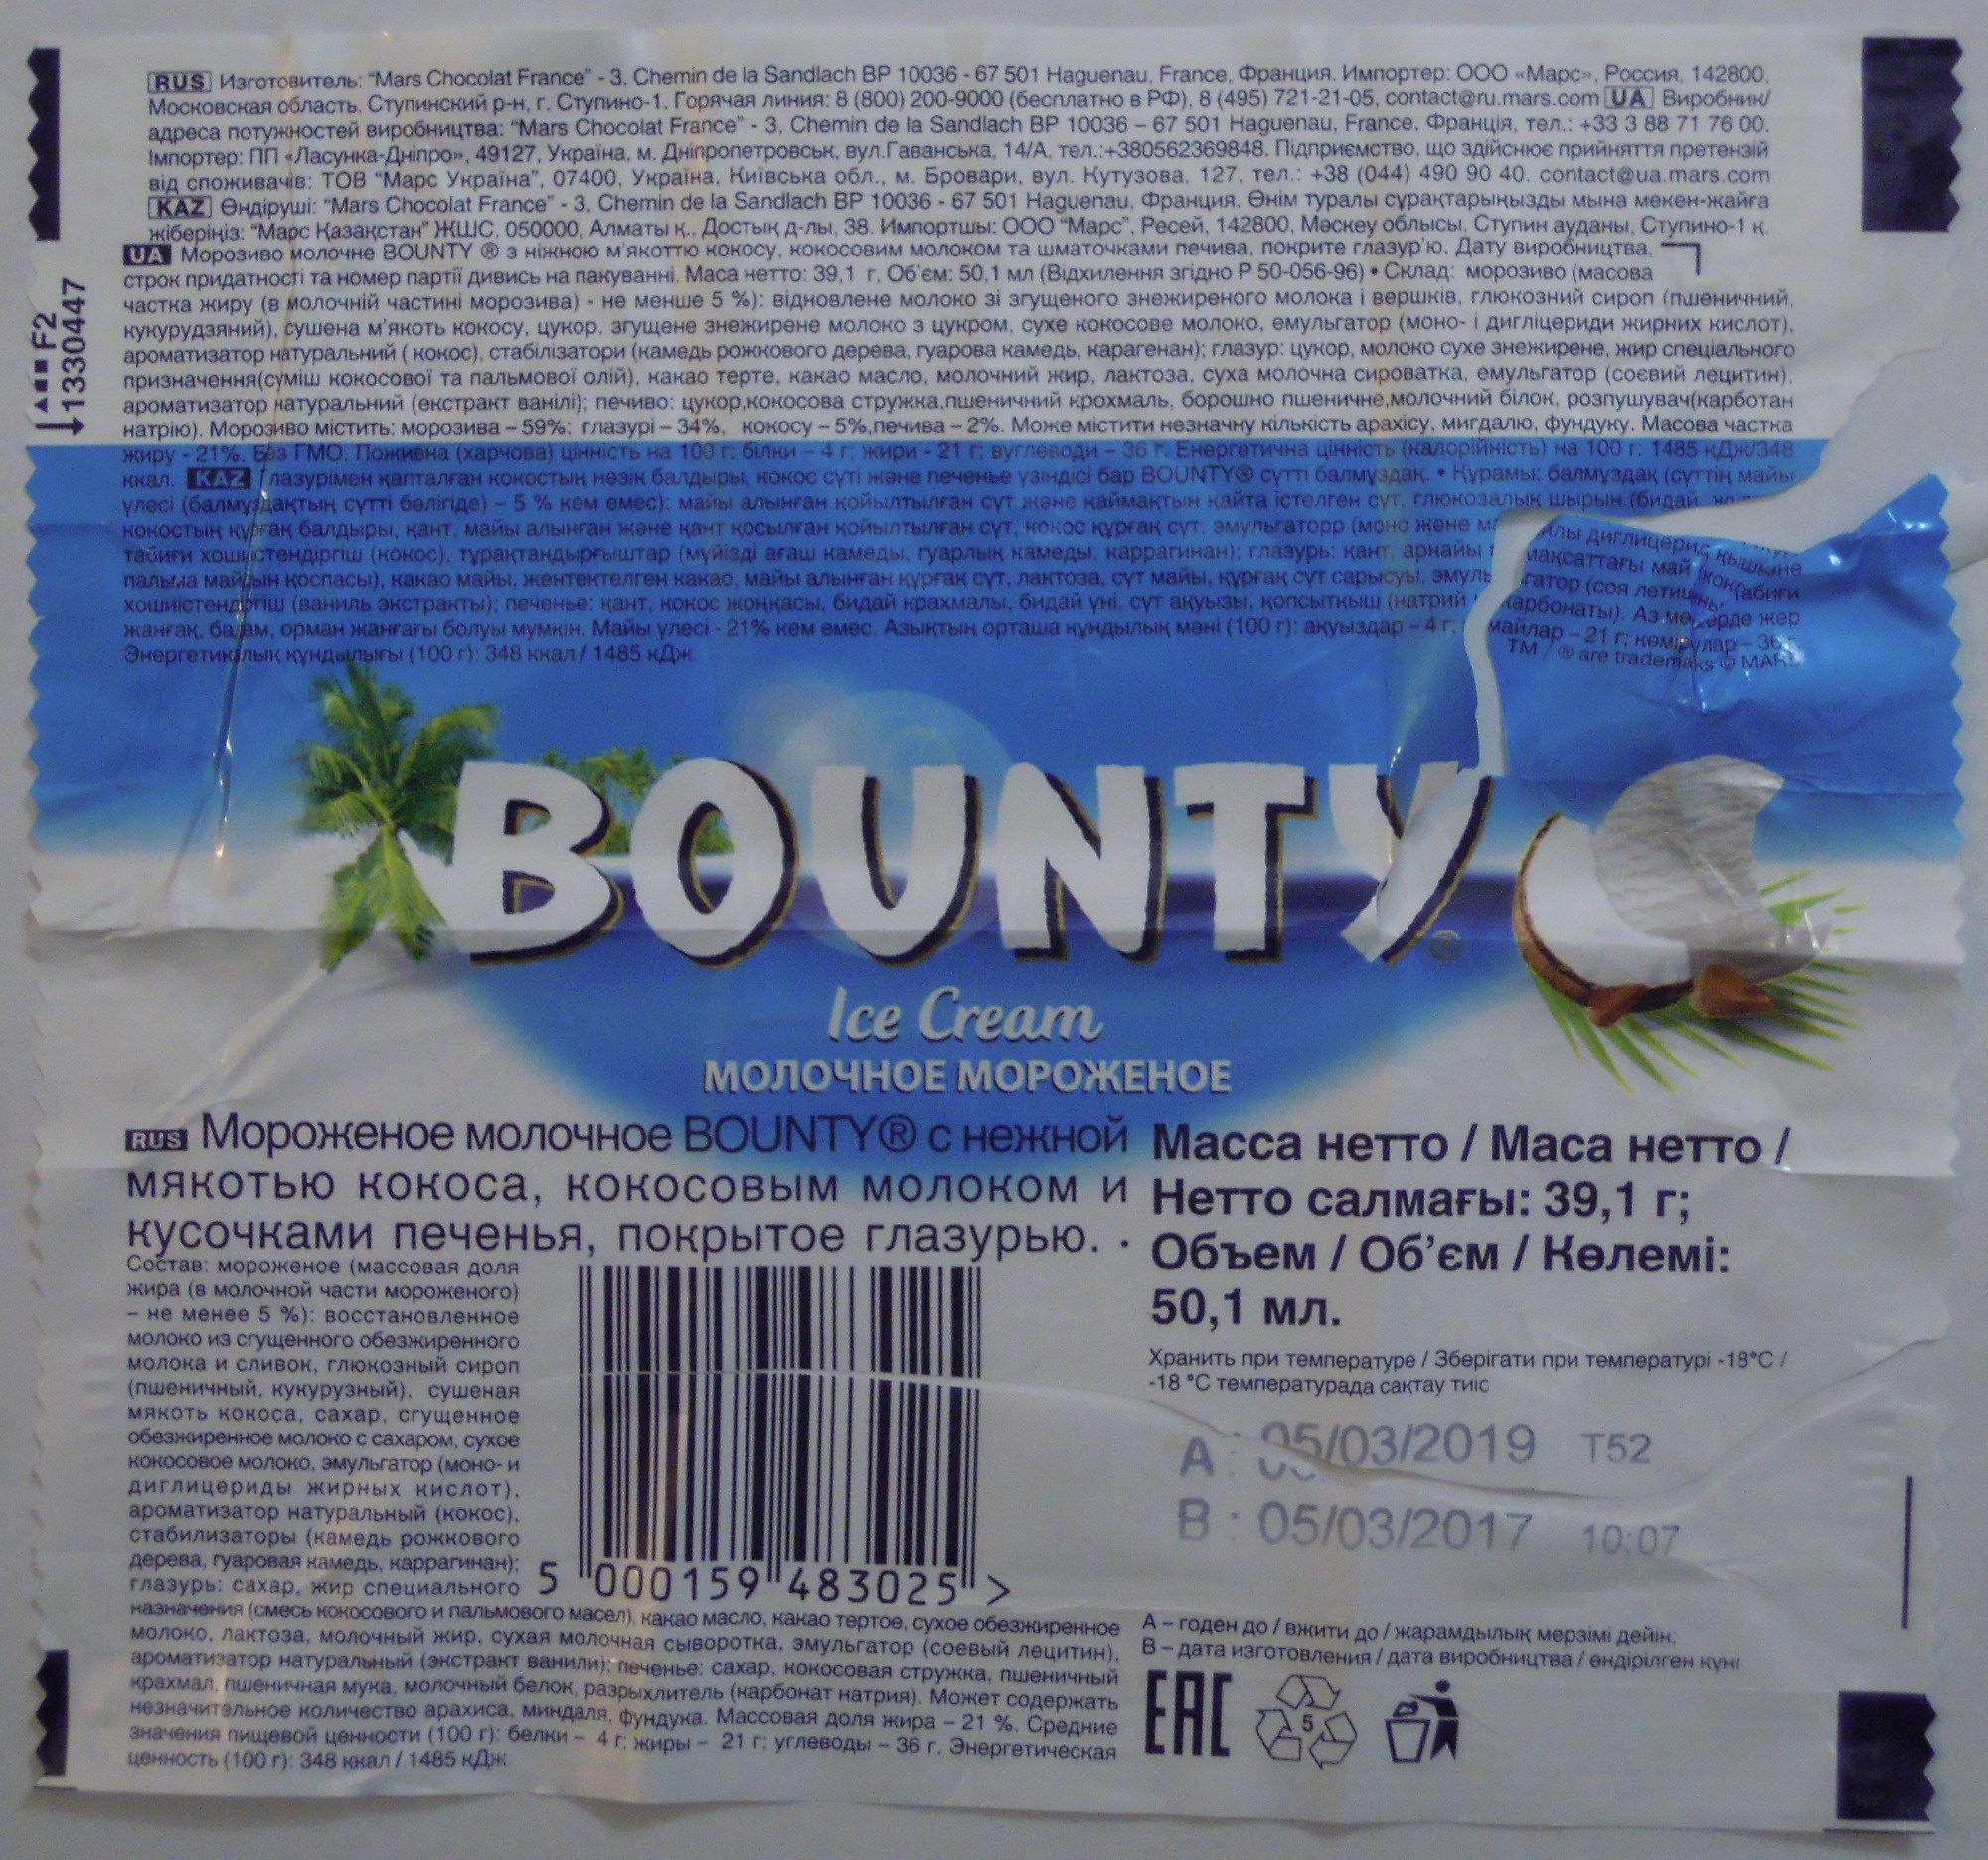 Bounty Ice Cream - Продукт